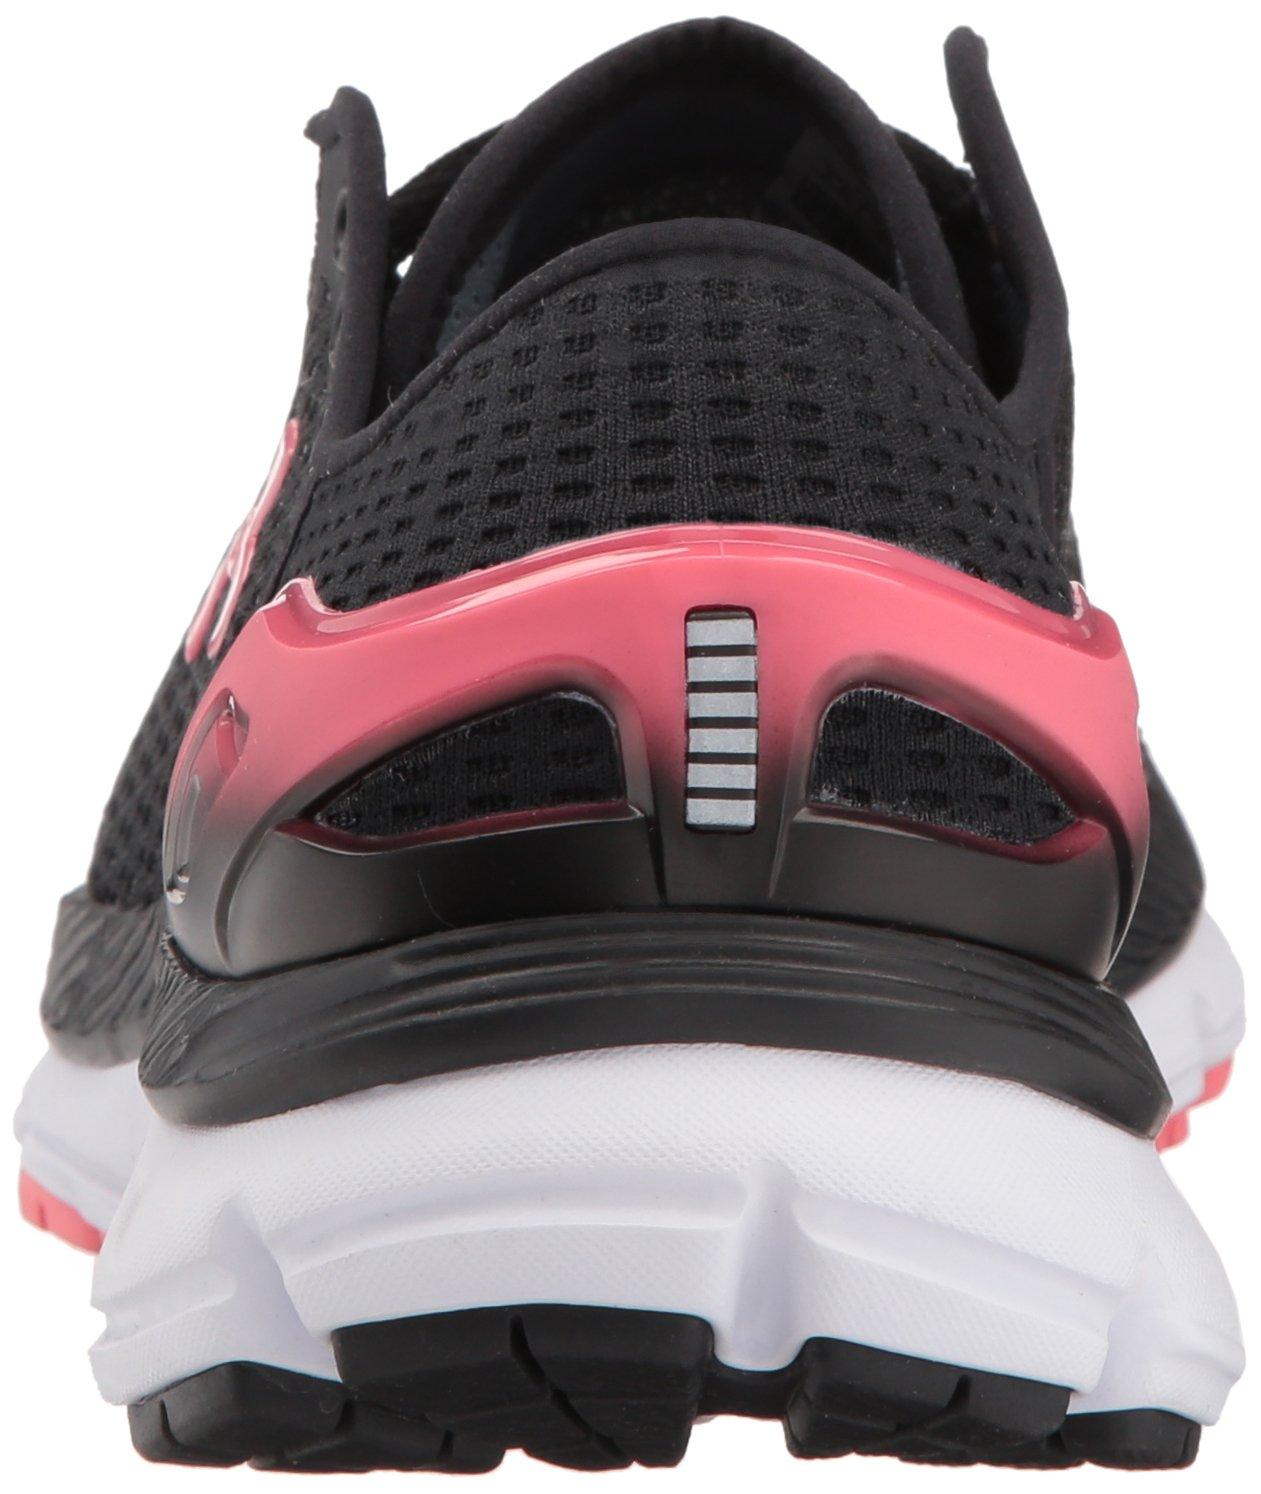 Under Armour Women's Speedform Intake 2 Running Shoe B071L7DH51 9 M US|Black (001)/Steel